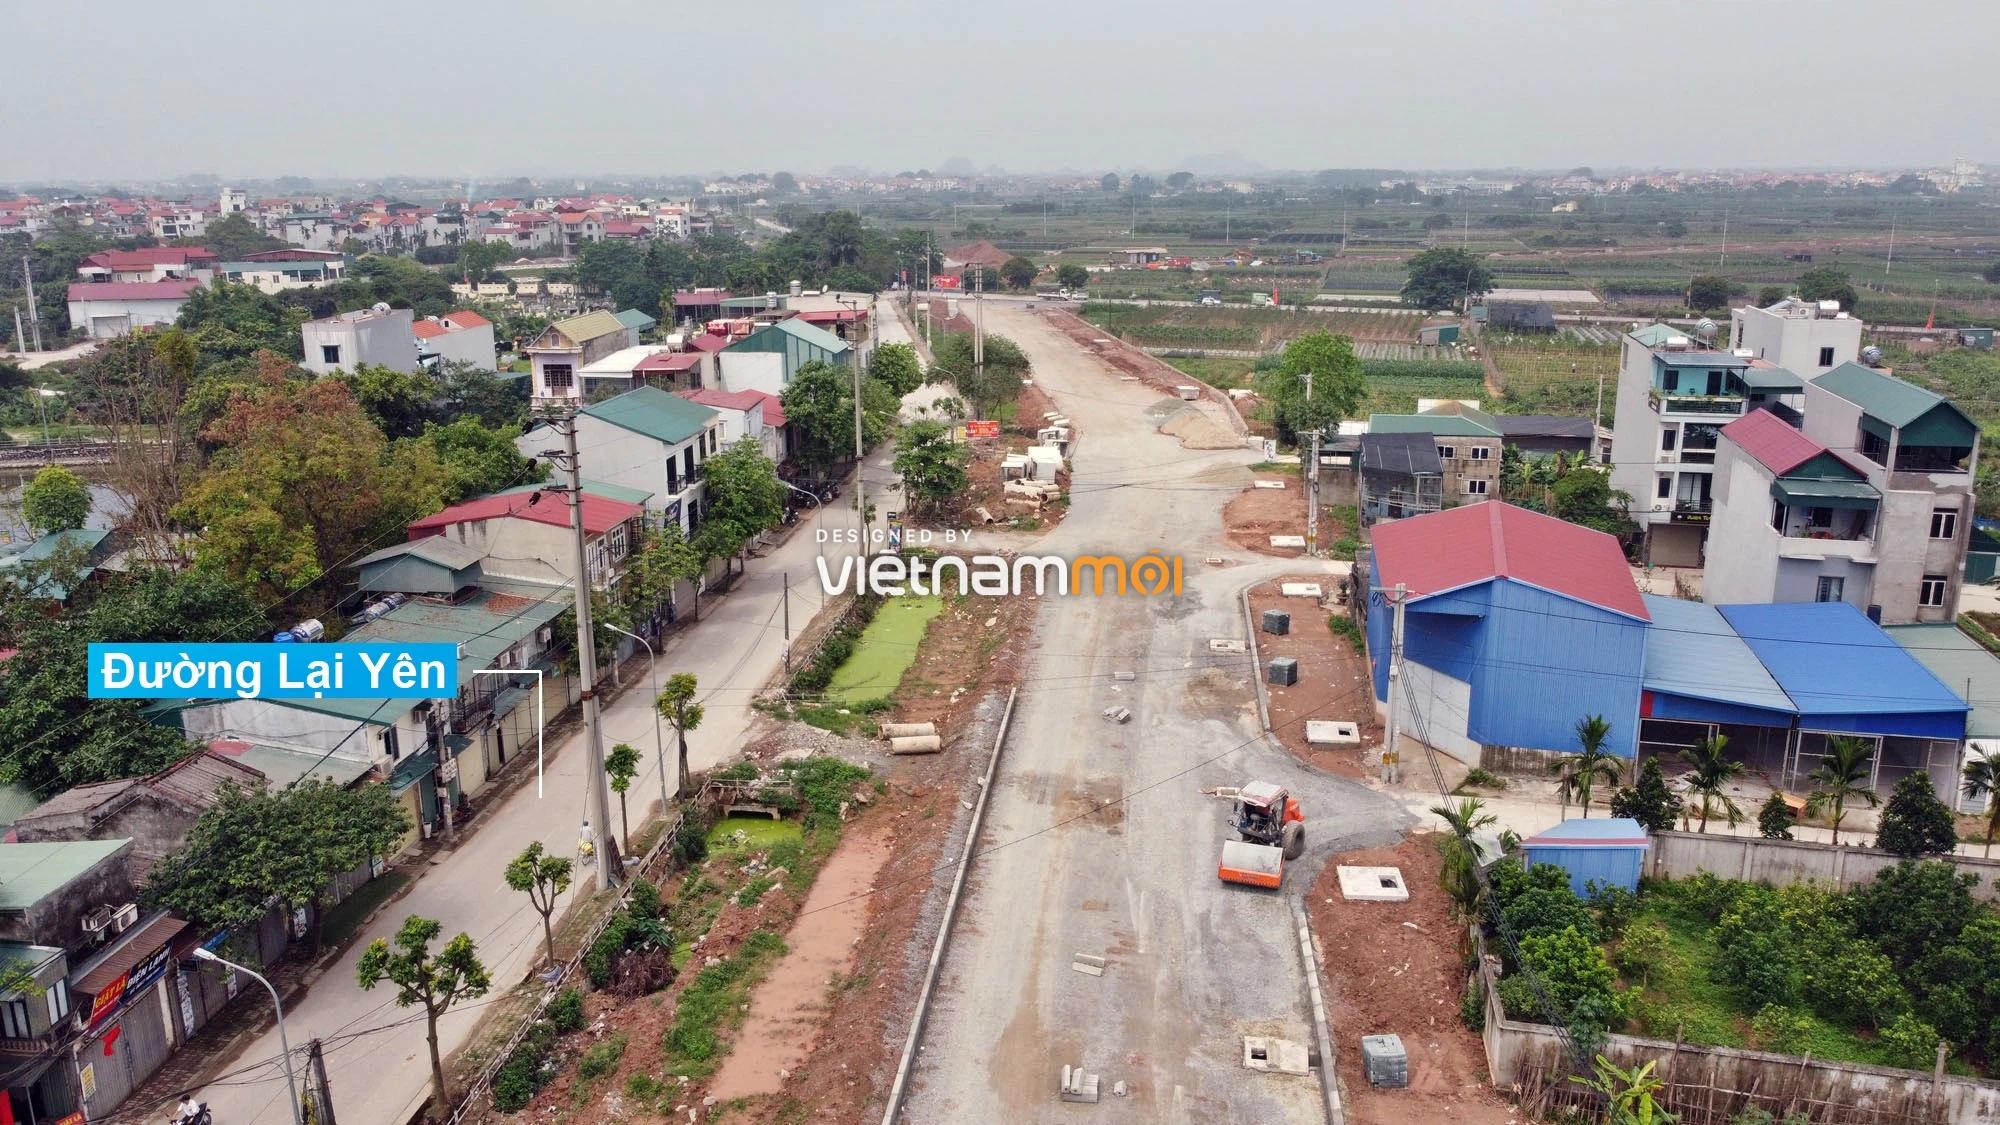 Toàn cảnh đường Lại Yên - Vân Canh đang mở theo quy hoạch ở Hà Nội - Ảnh 3.